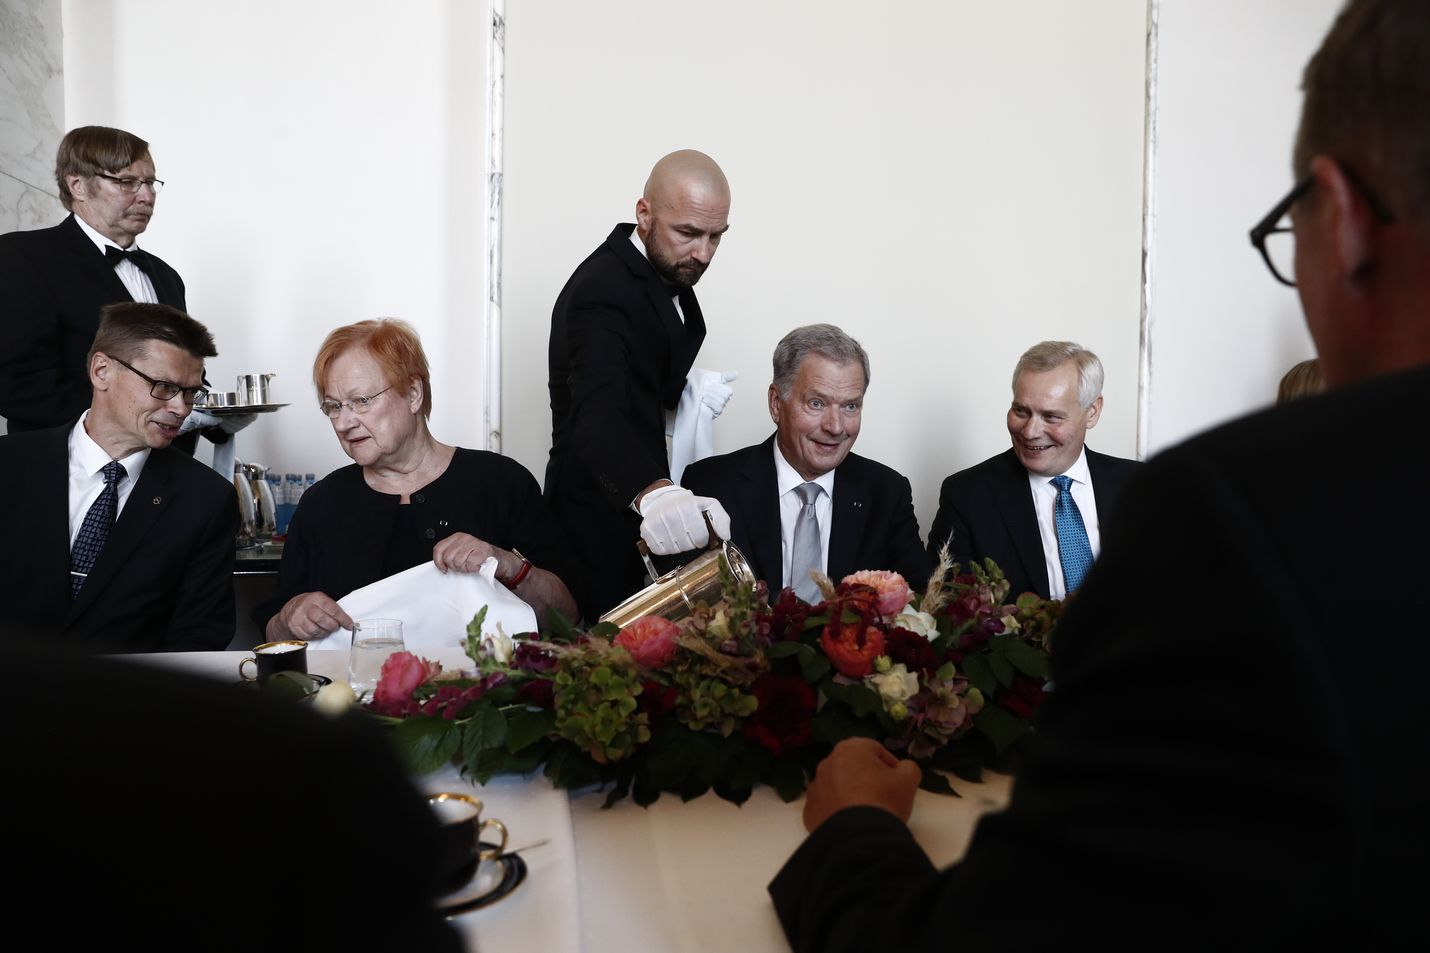 Tasavallan presidentti Sauli Niinistö osallistui eduskunnassa hallitusmuodon satavuotisjuhliin. Kahvitilaisuudessa vieressä istuivat presidentti Tarja Halonen ja pääministeri Antti Rinne.